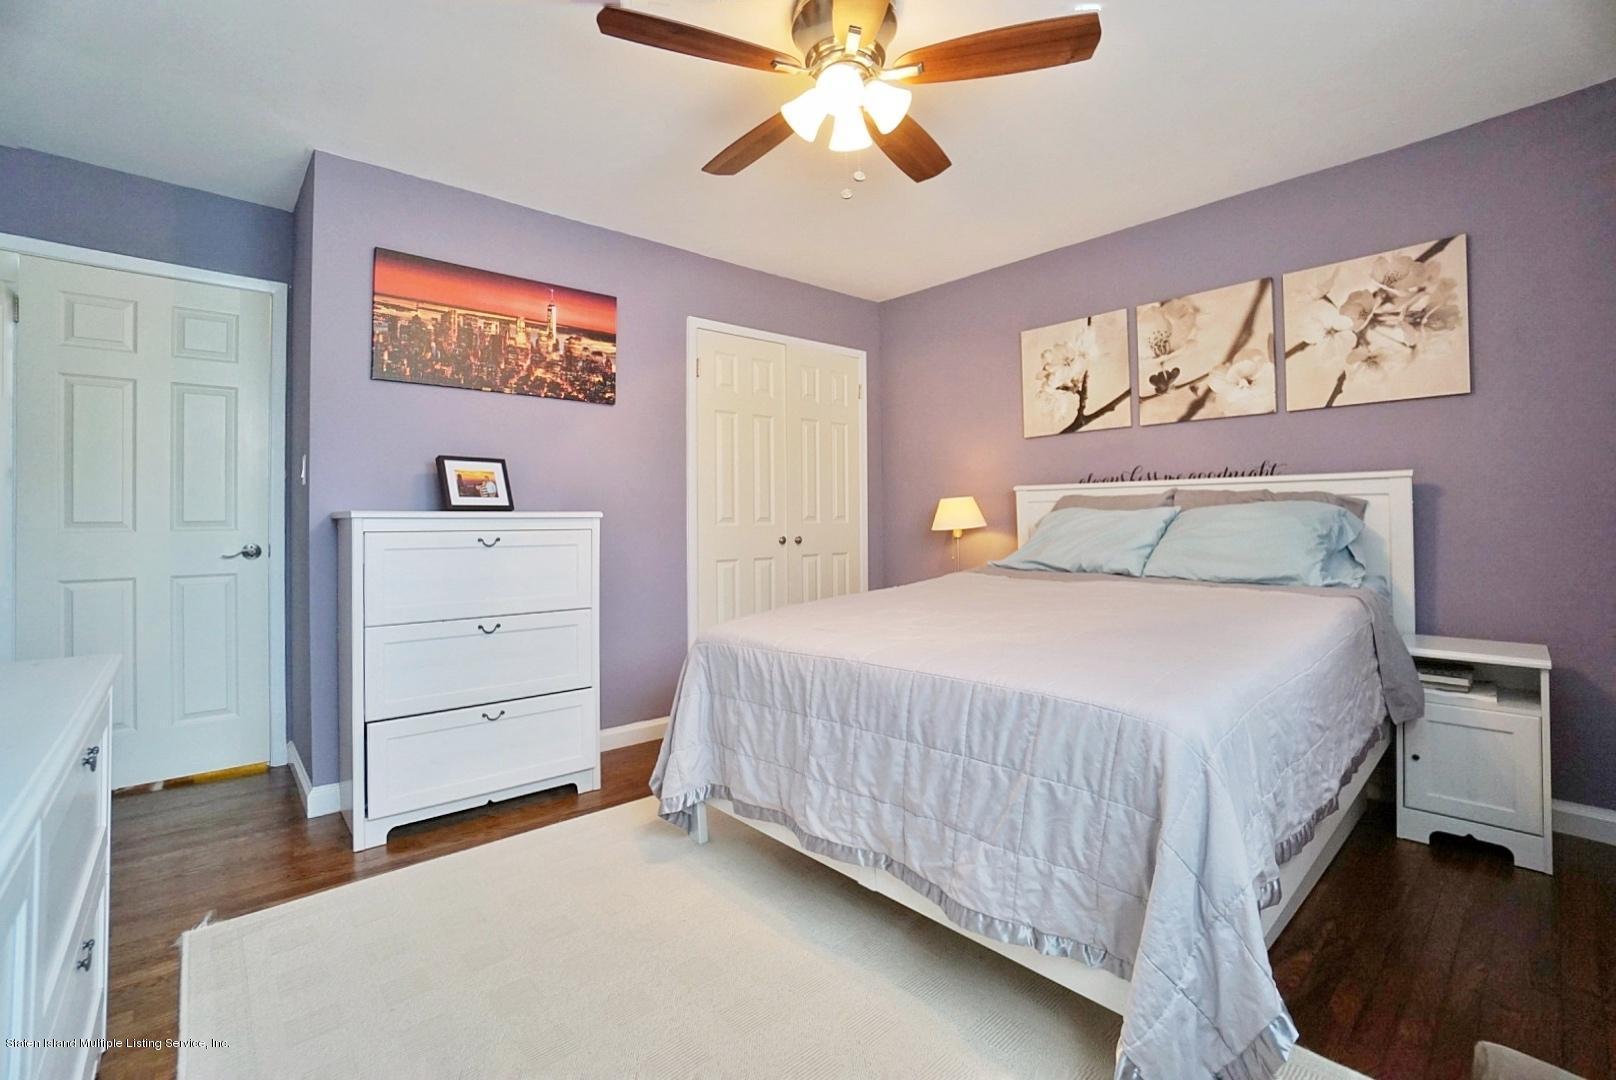 Single Family - Semi-Attached 122 Maybury Avenue  Staten Island, NY 10308, MLS-1128627-12